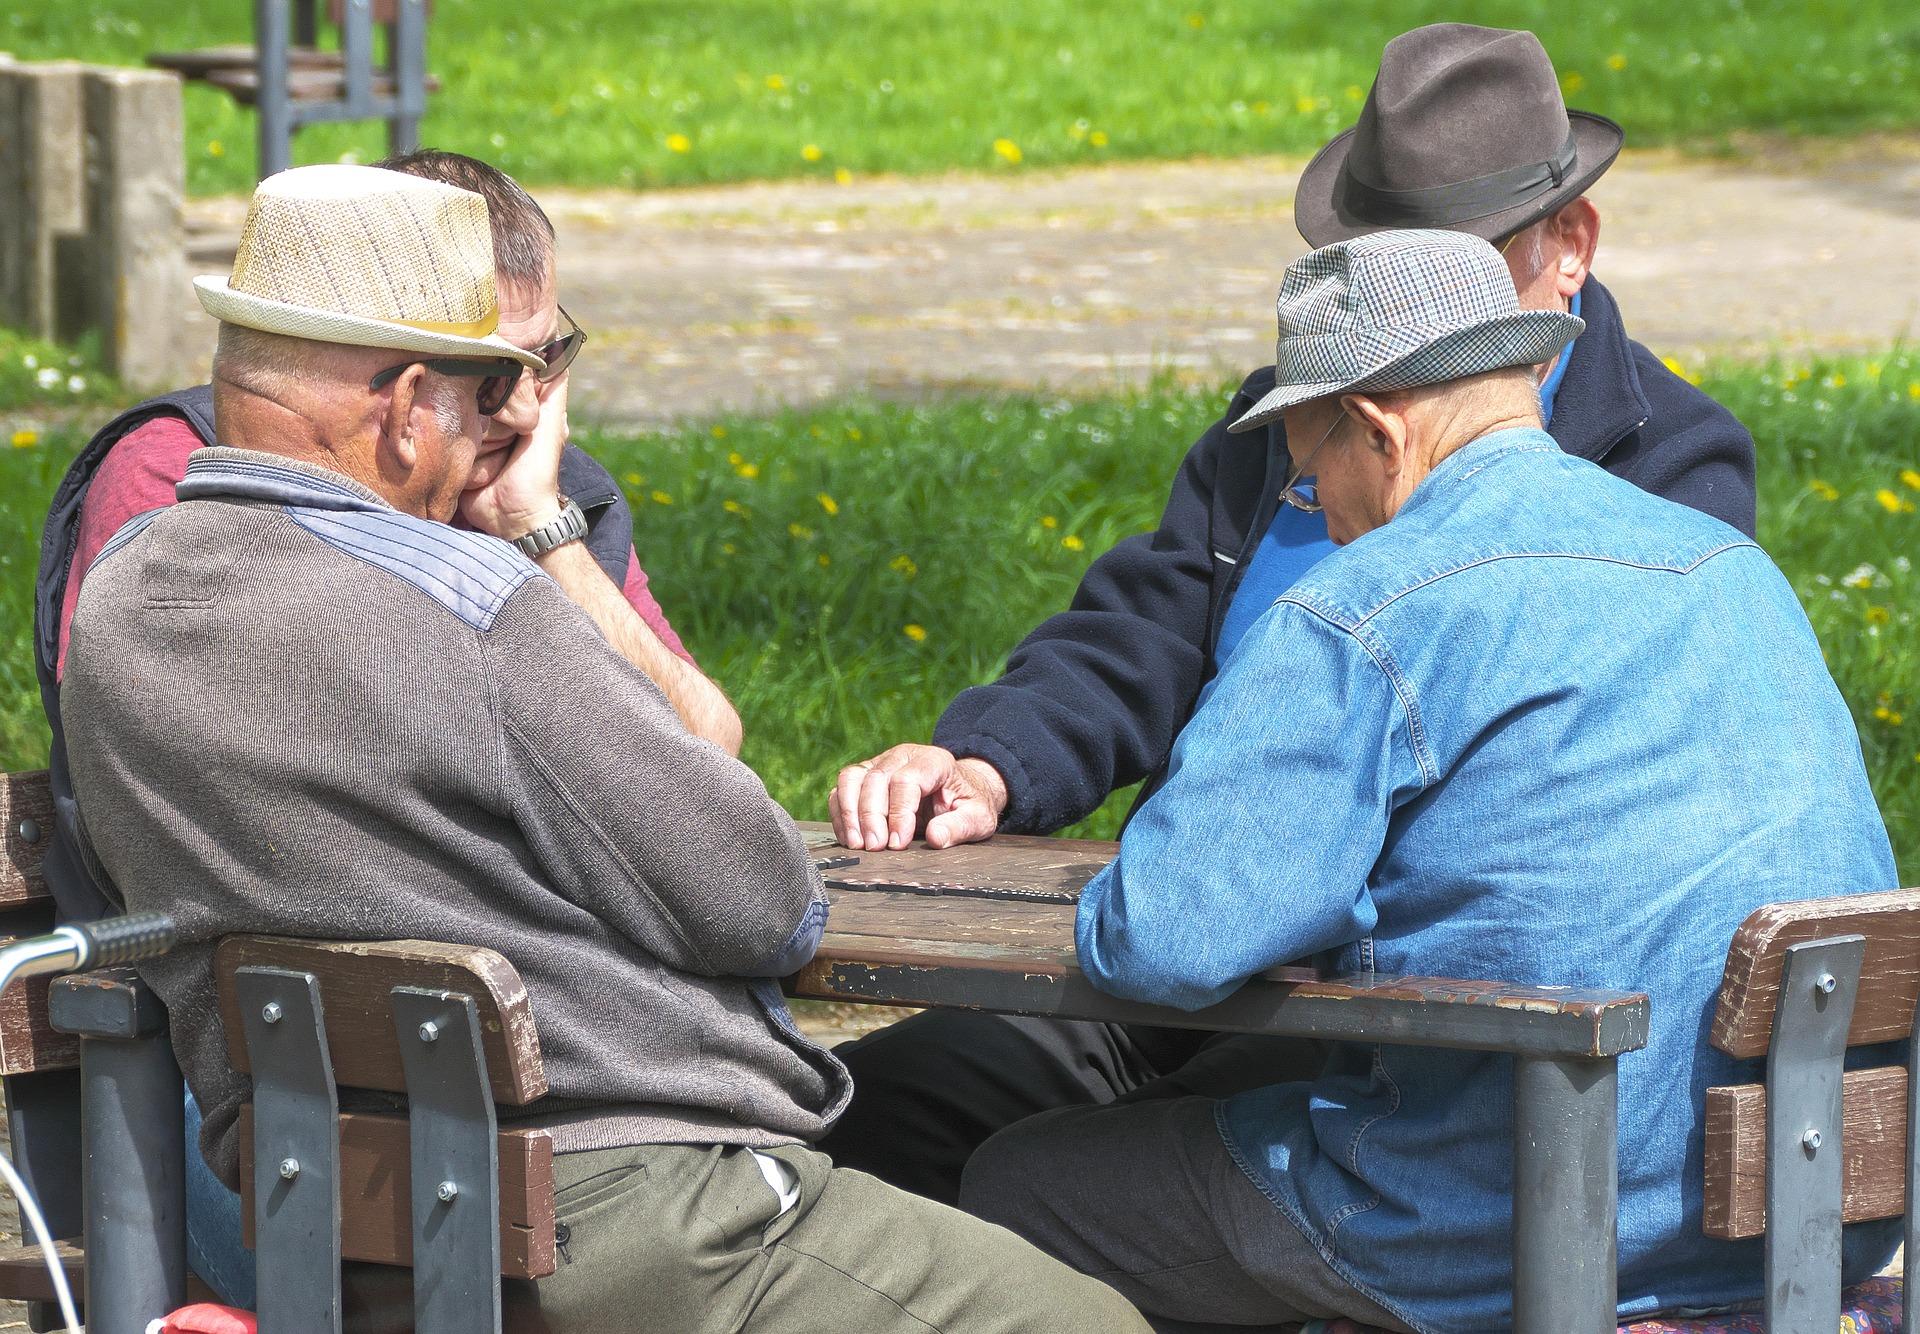 matchmaking osud Francie jak zastavit randění tipy na mtn